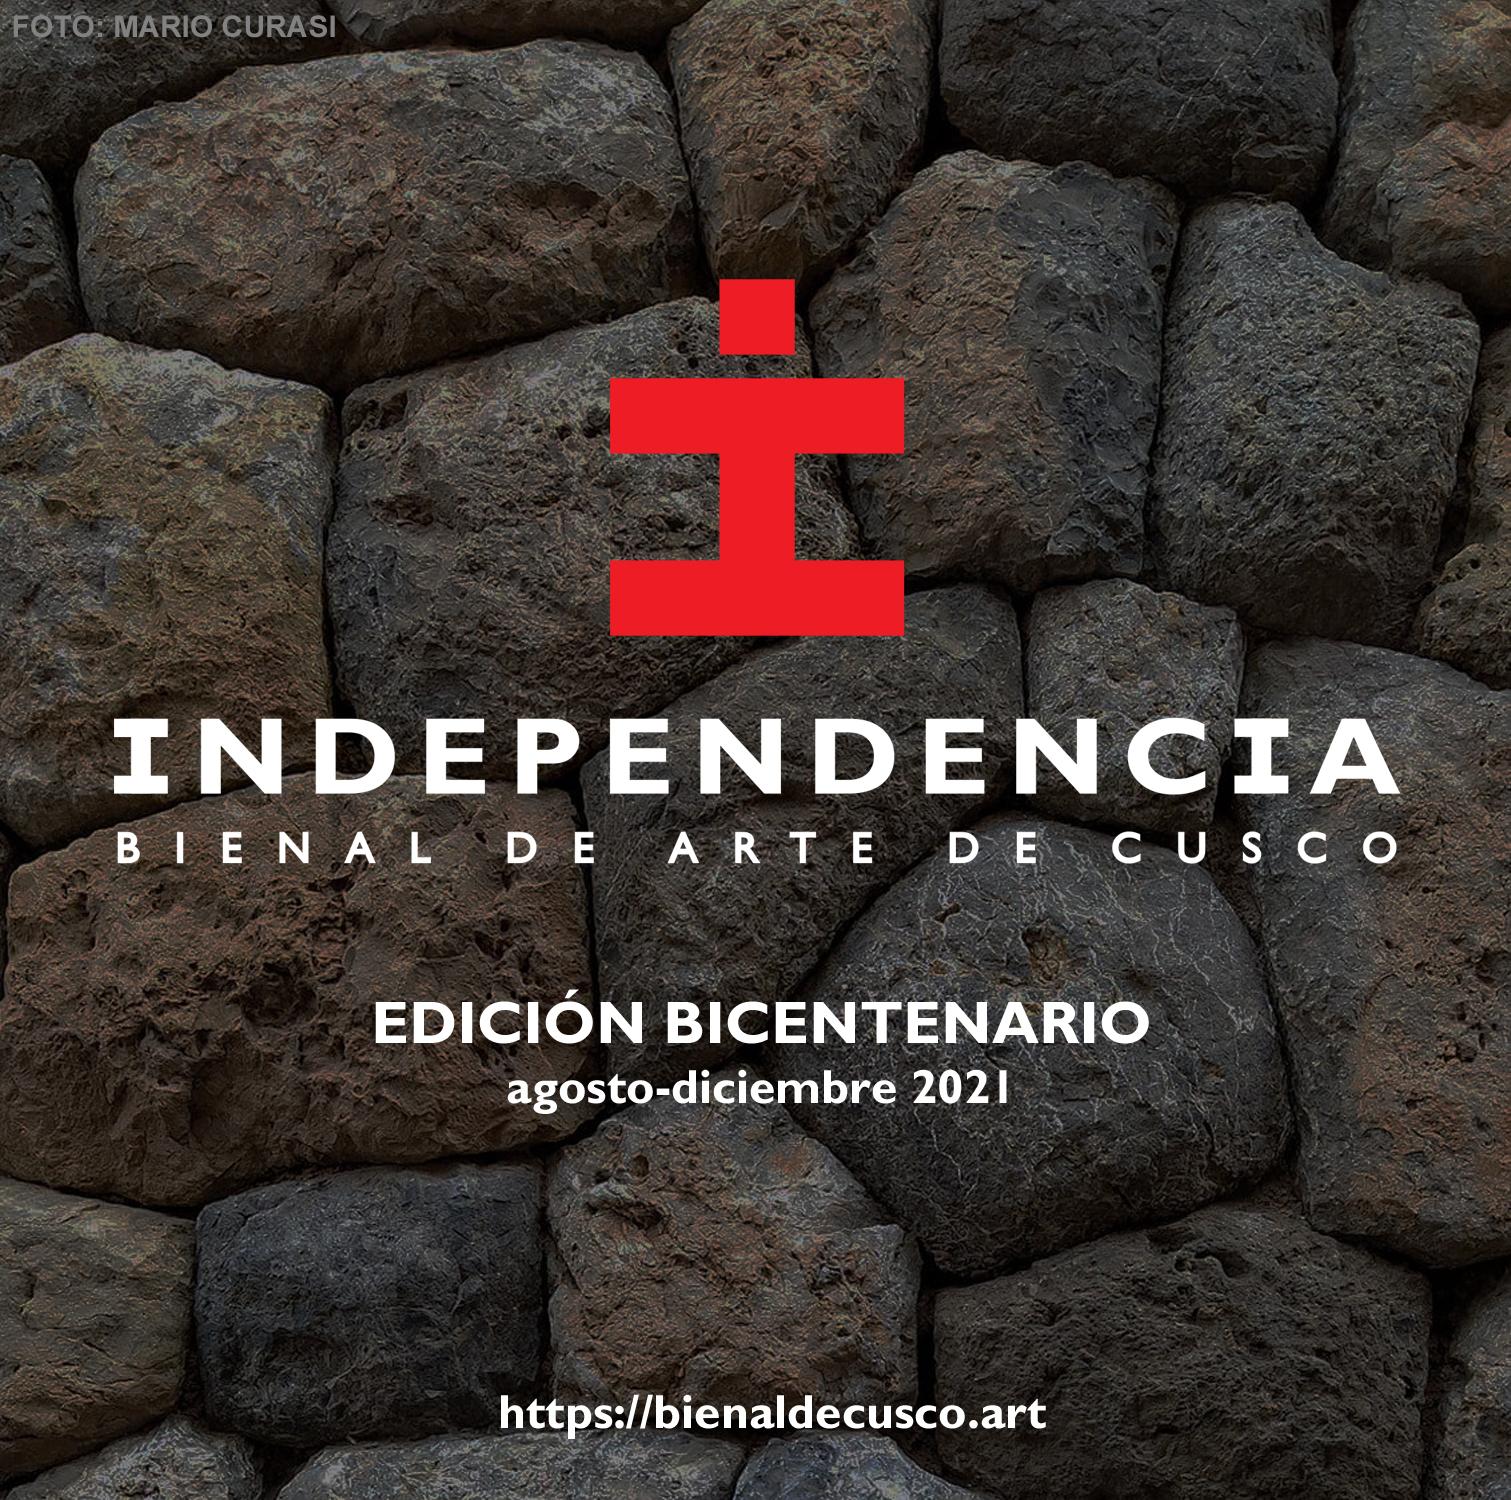 INDEPENDENCIA: BIENAL DE ARTE DE CUSCO. EDICIÓN BICENTENARIO.